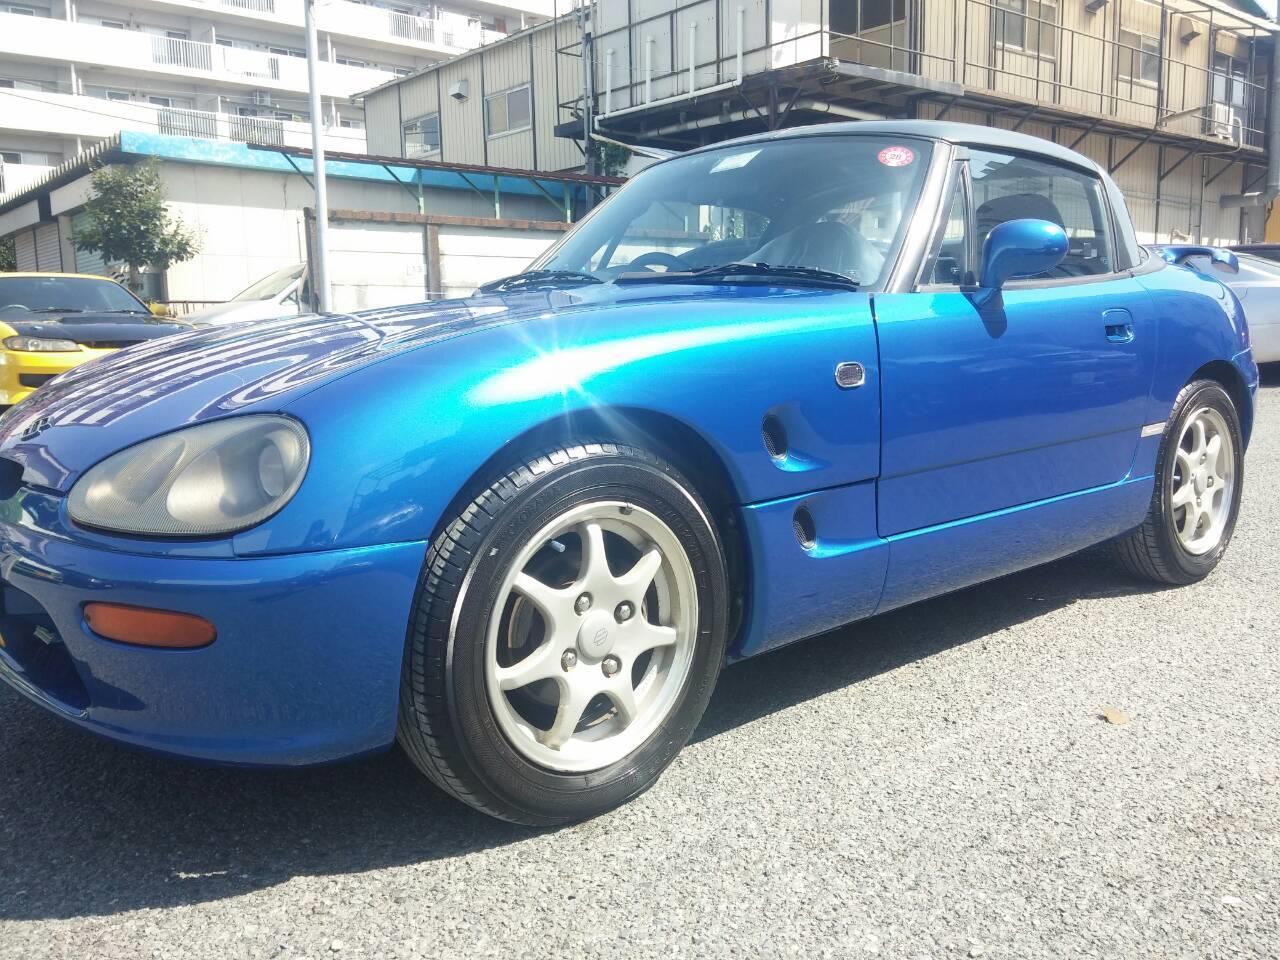 東京都立川市の車の板金塗装修理工場 ガレージローライドのスズキ カプチーノのオールペイント オールペン 全塗装 です。